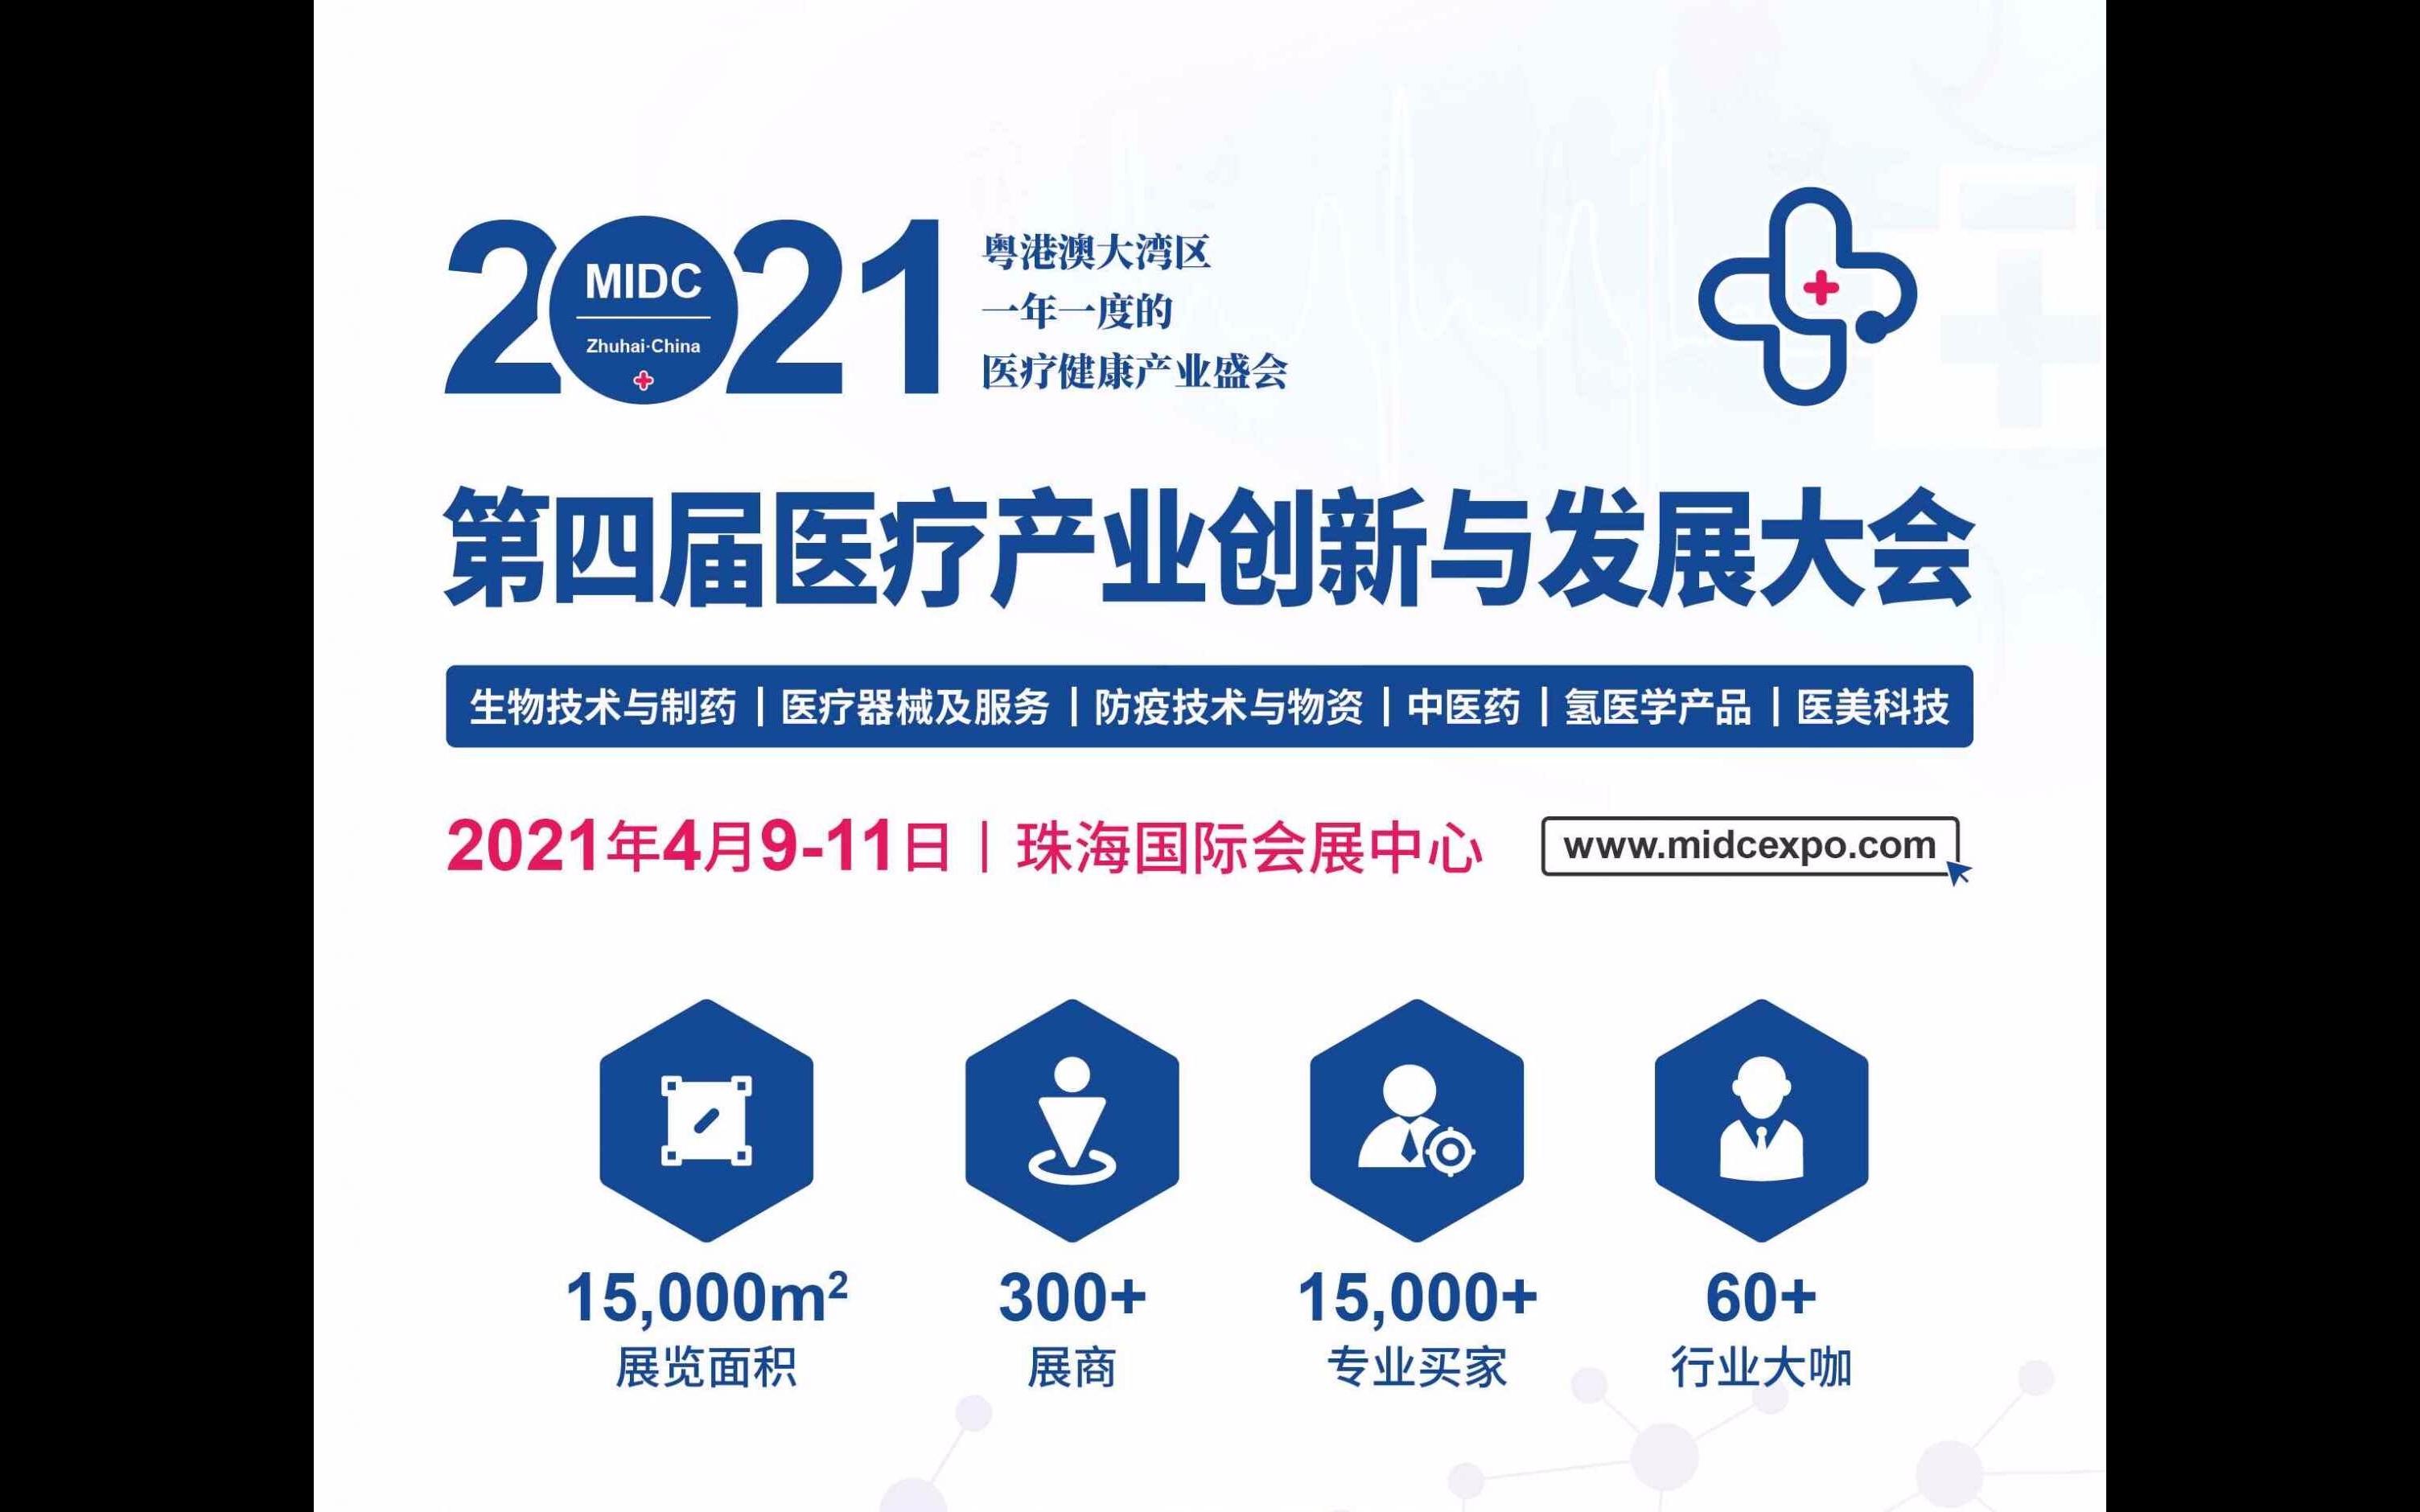 珠海 · 第四届医疗产业创新与发展大会